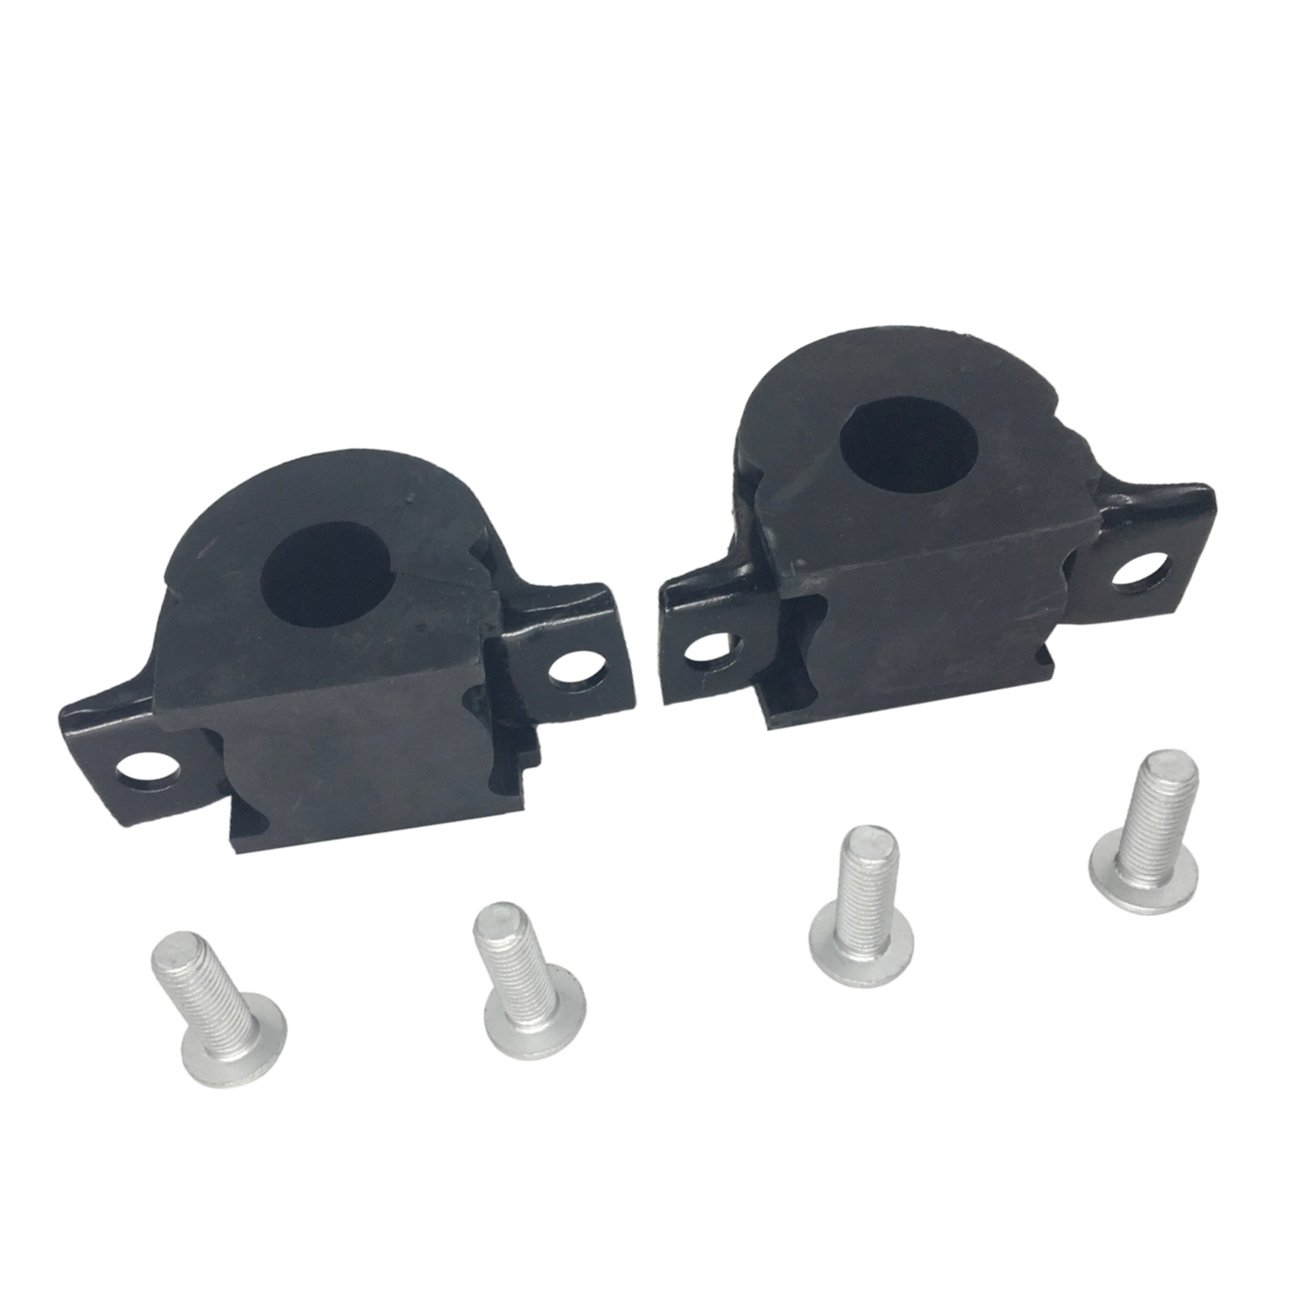 SKP SK928517 Suspension Stabilizer Bar Bushing Kit